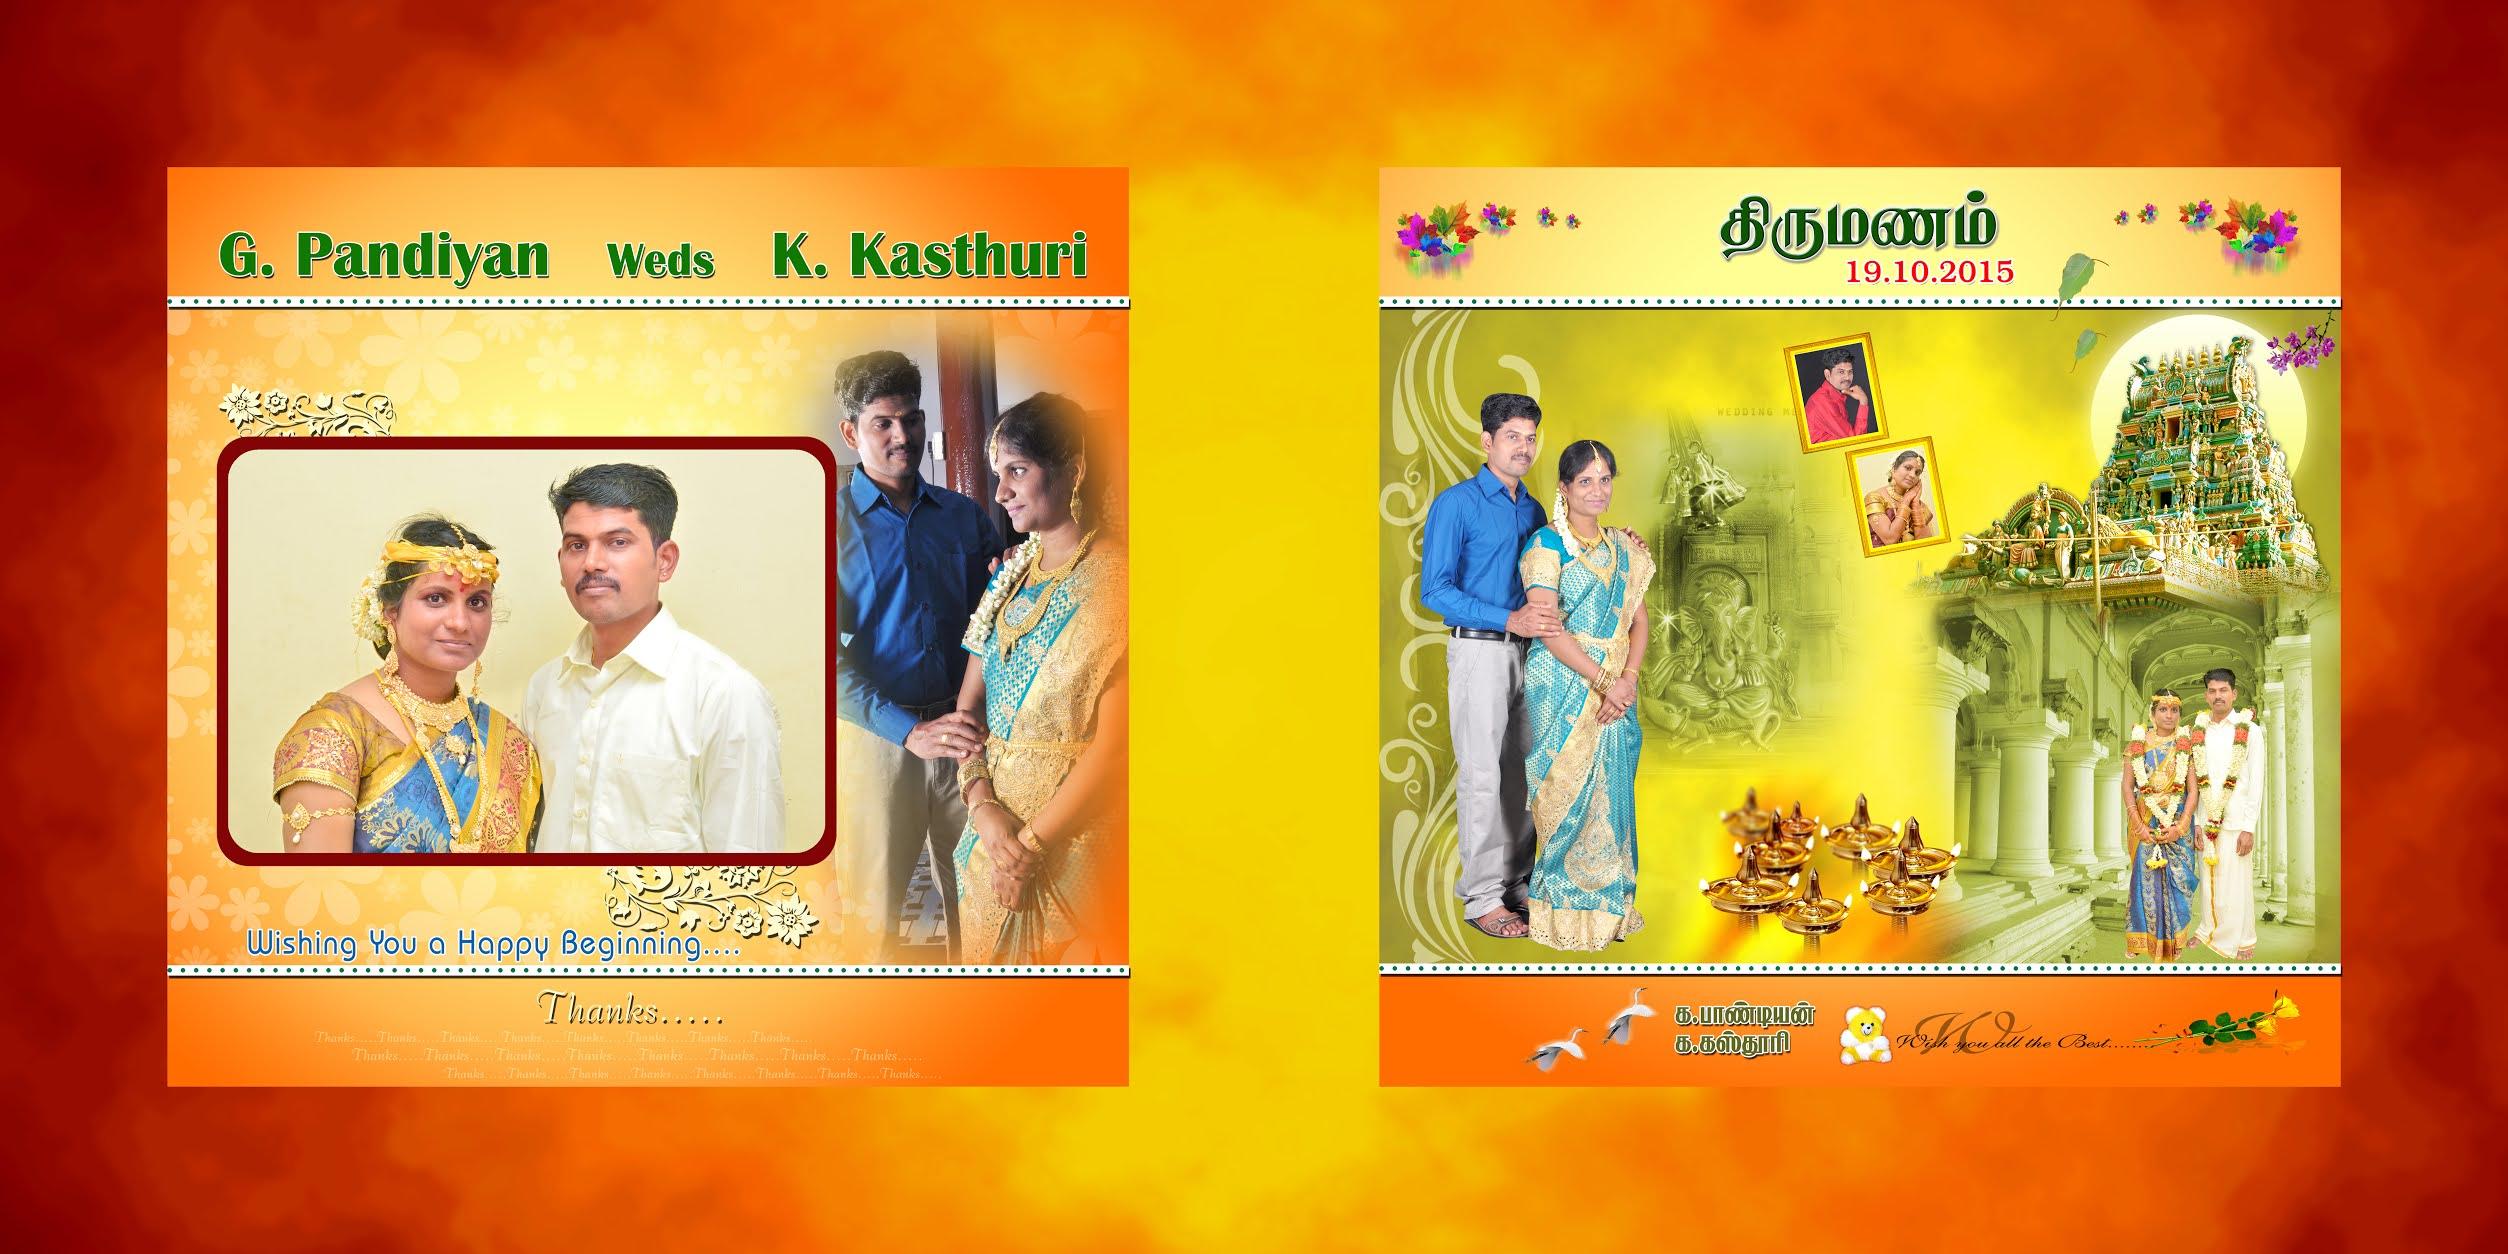 Wedding Album Booklet Cover